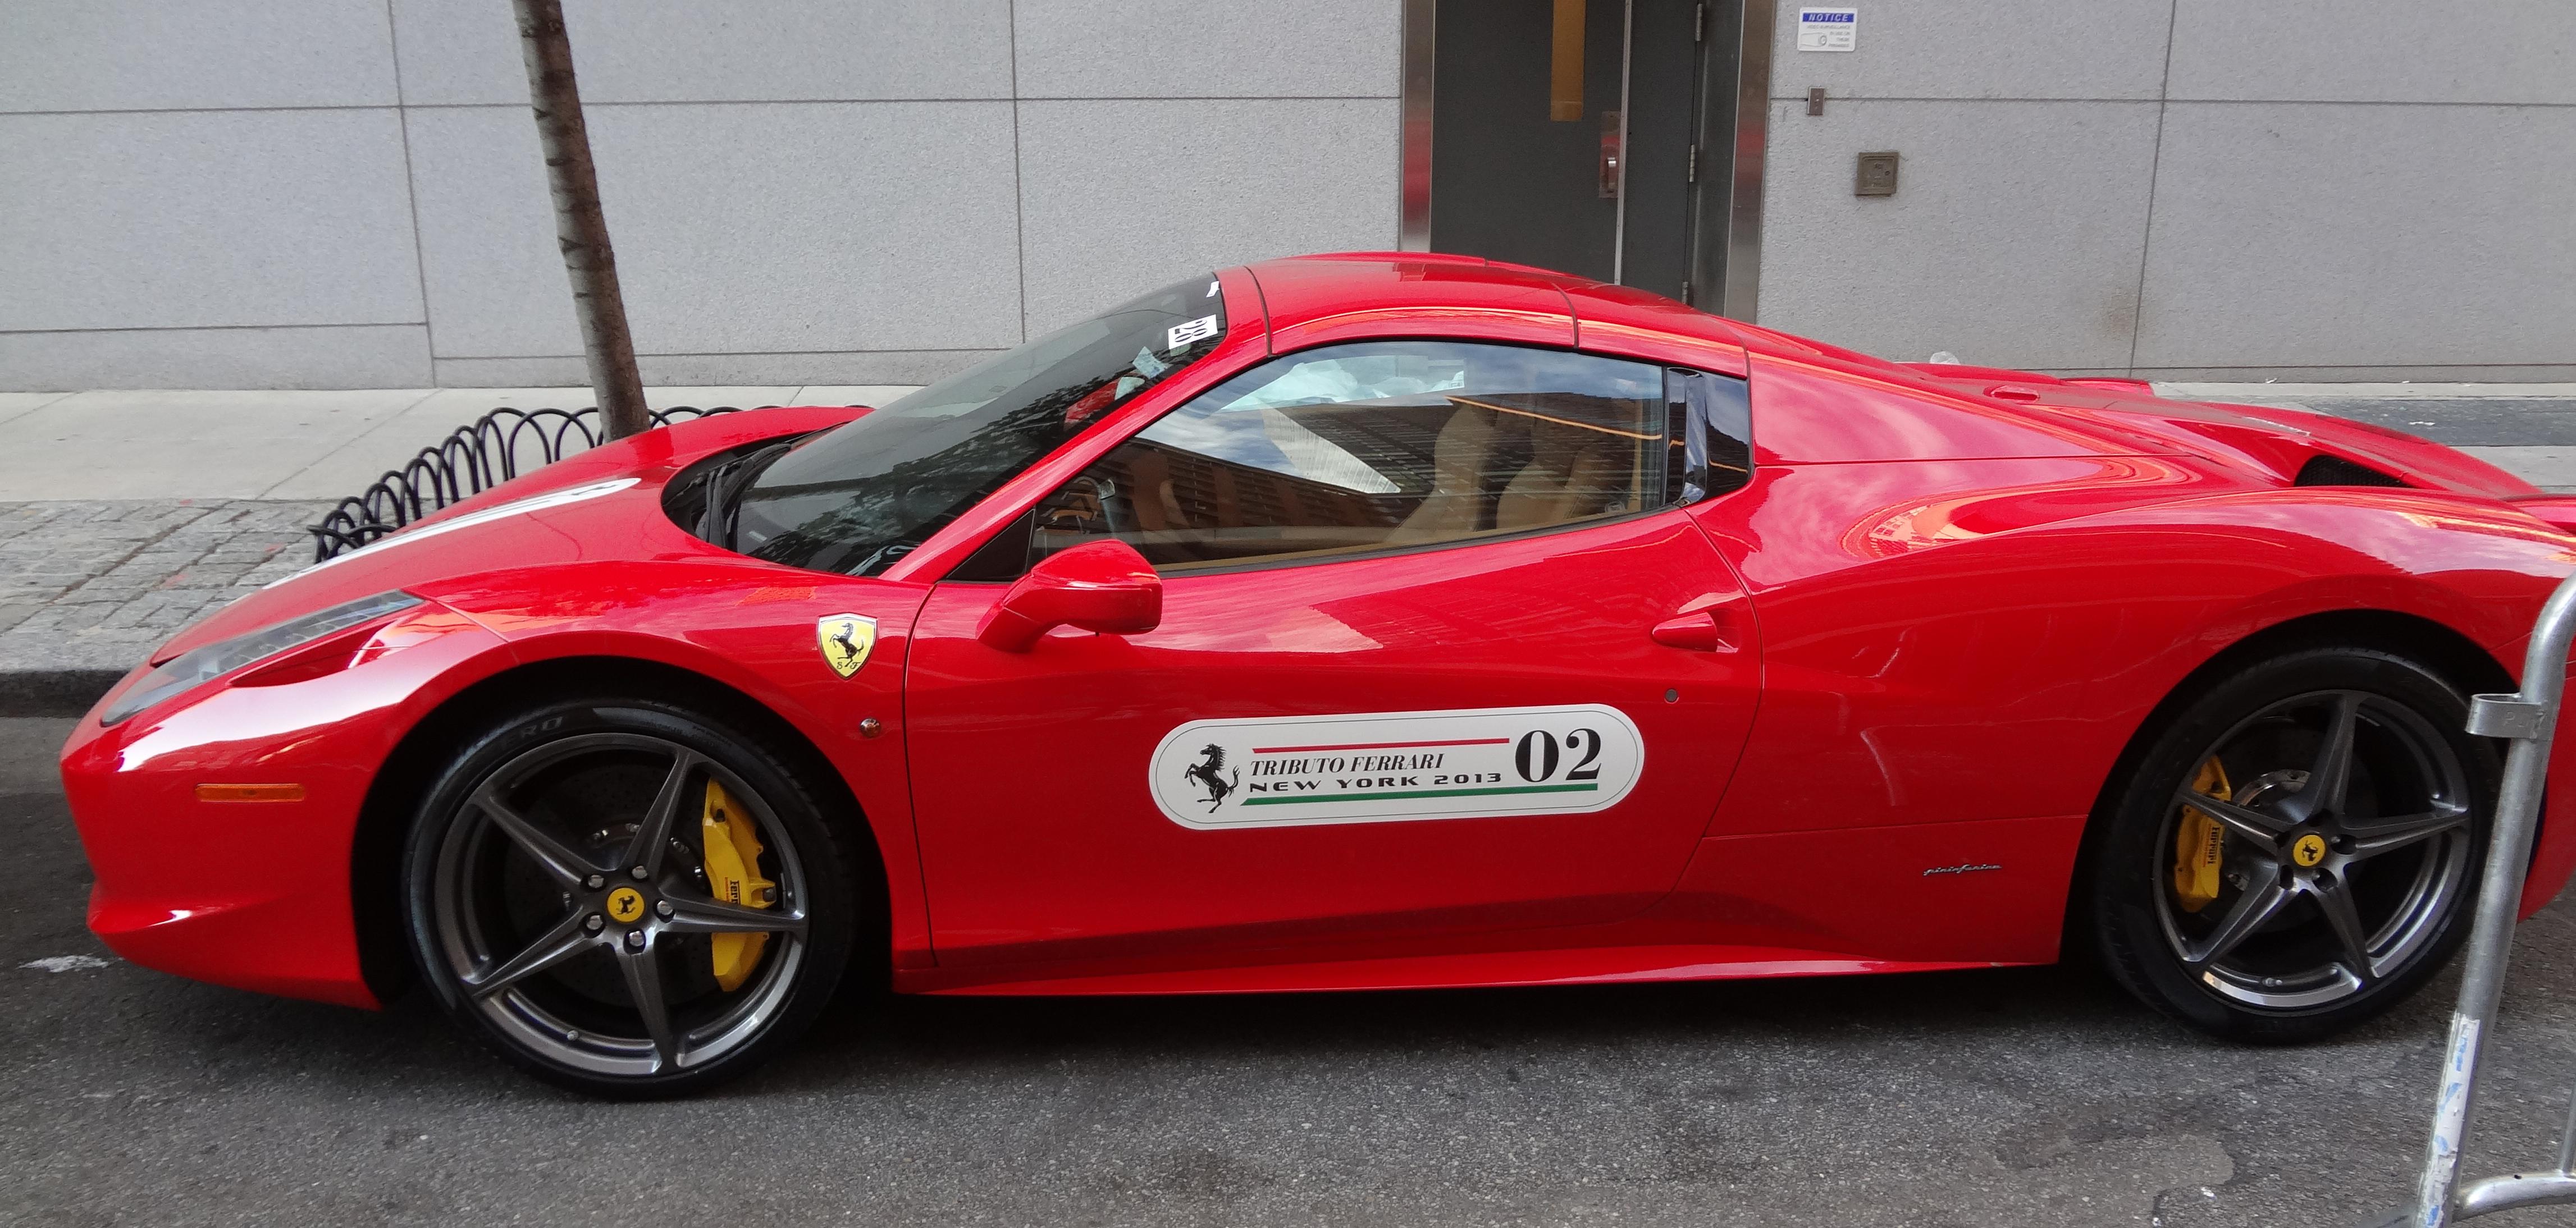 Ferrari red racer